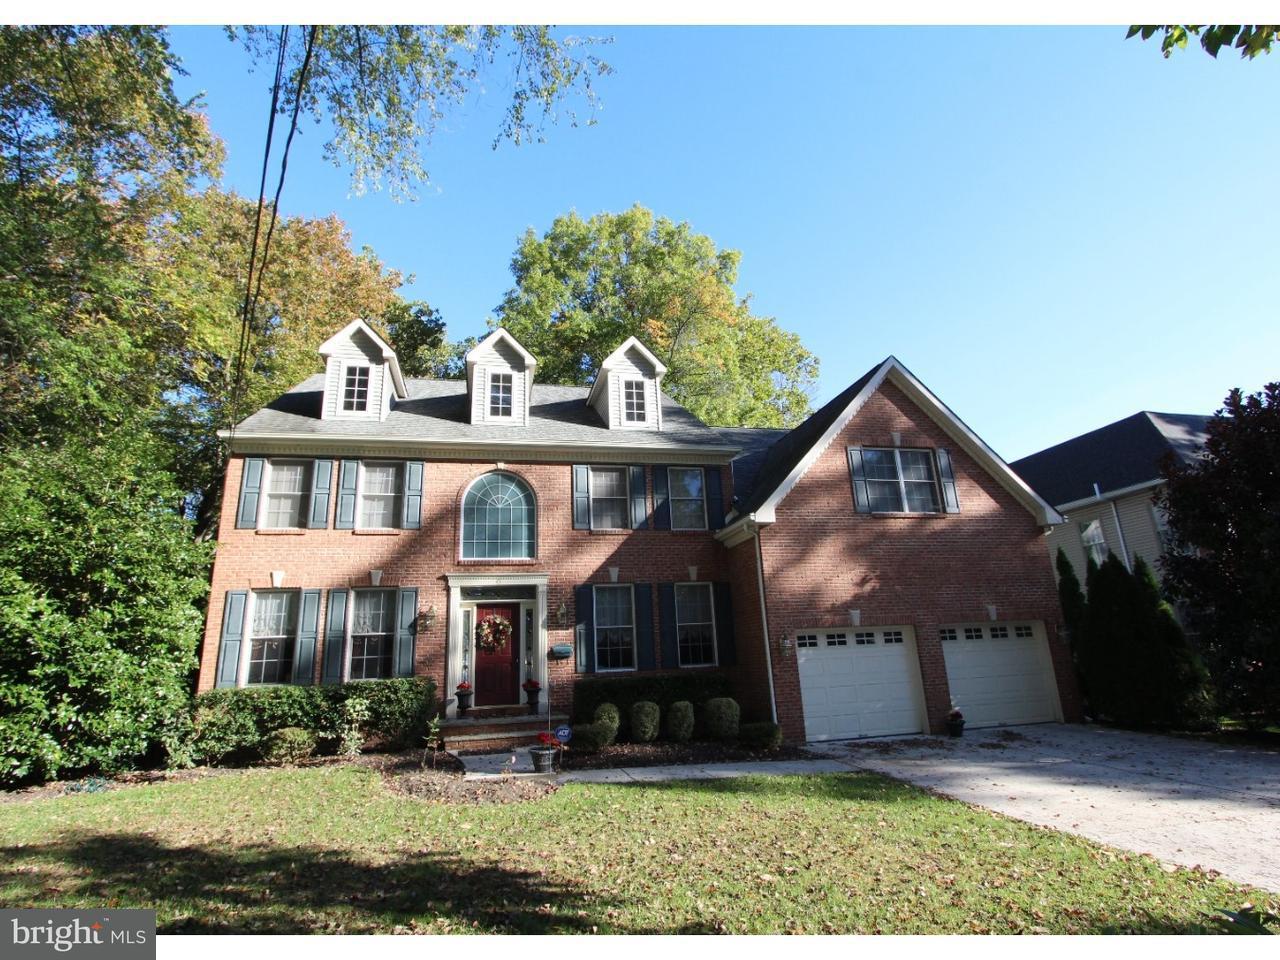 Частный односемейный дом для того Продажа на 43 PENNBROOK Drive Haddonfield, Нью-Джерси 08033 Соединенные Штаты